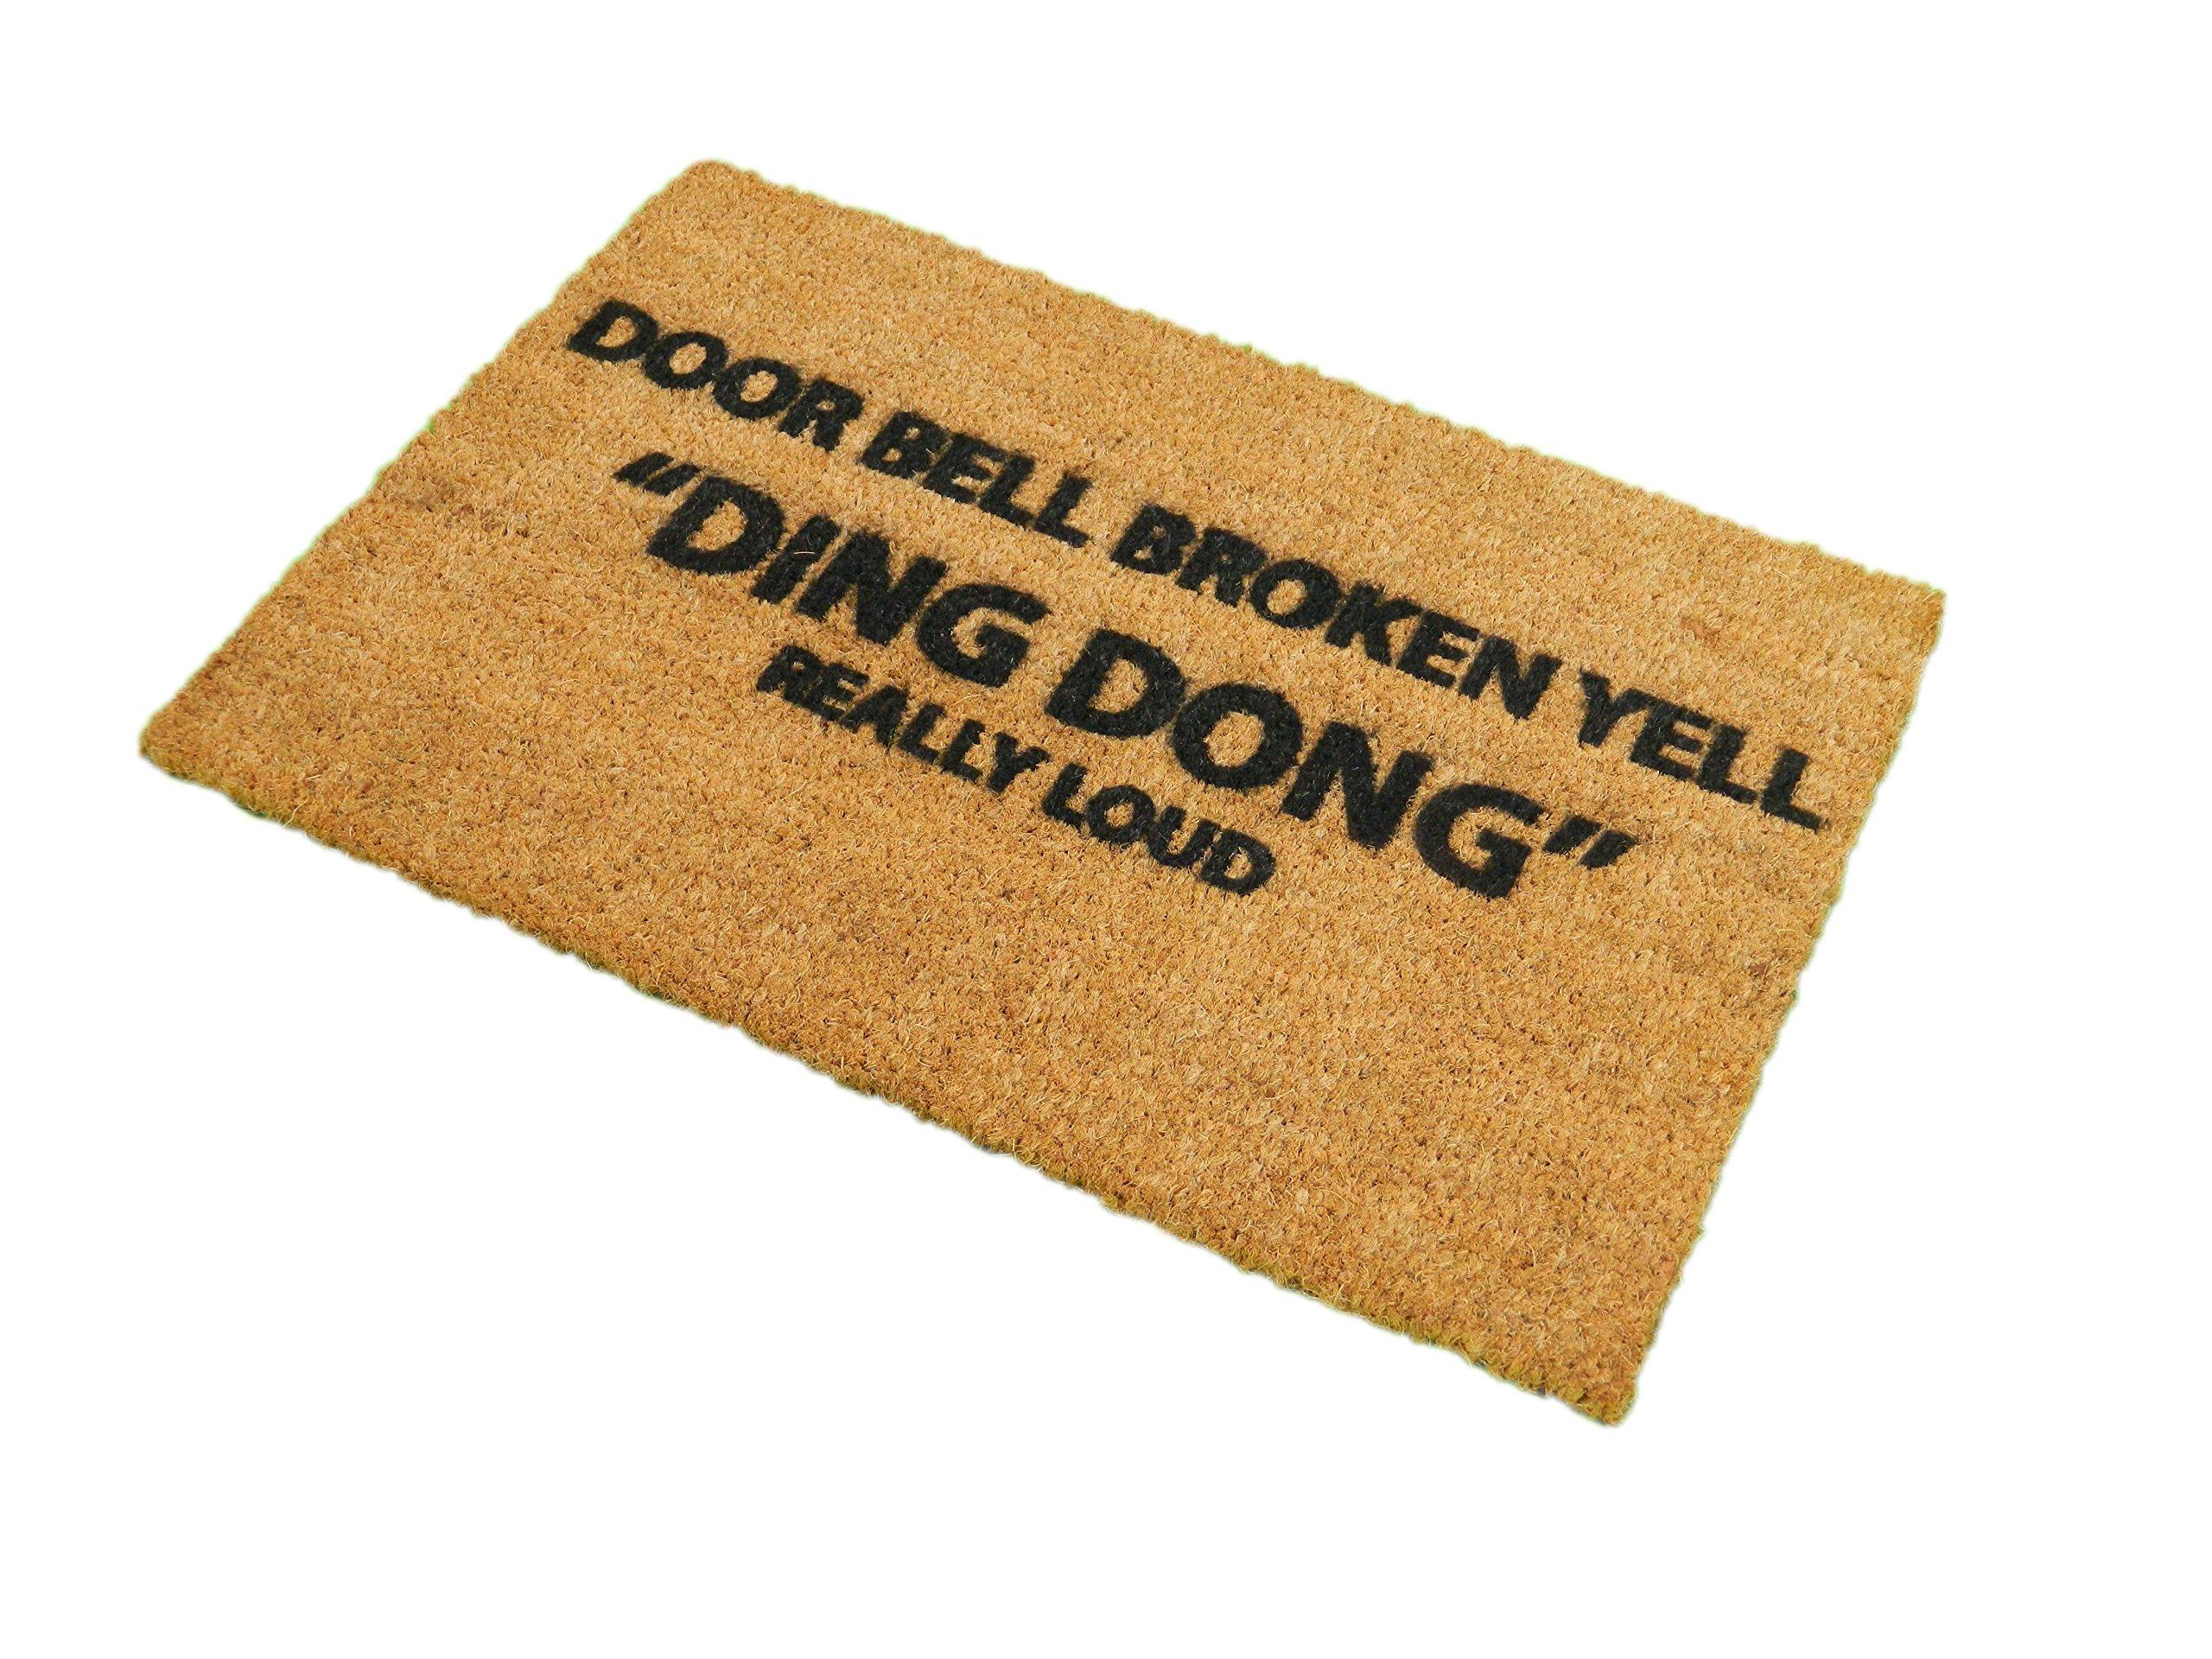 CKB Ltd Door Bell Broken - Yell Novelty Doormat Unique Doormats Front/Back Door Mats Made With A Non-Slip Pvc Backing - Natural Coir - Indoor & Outdoor